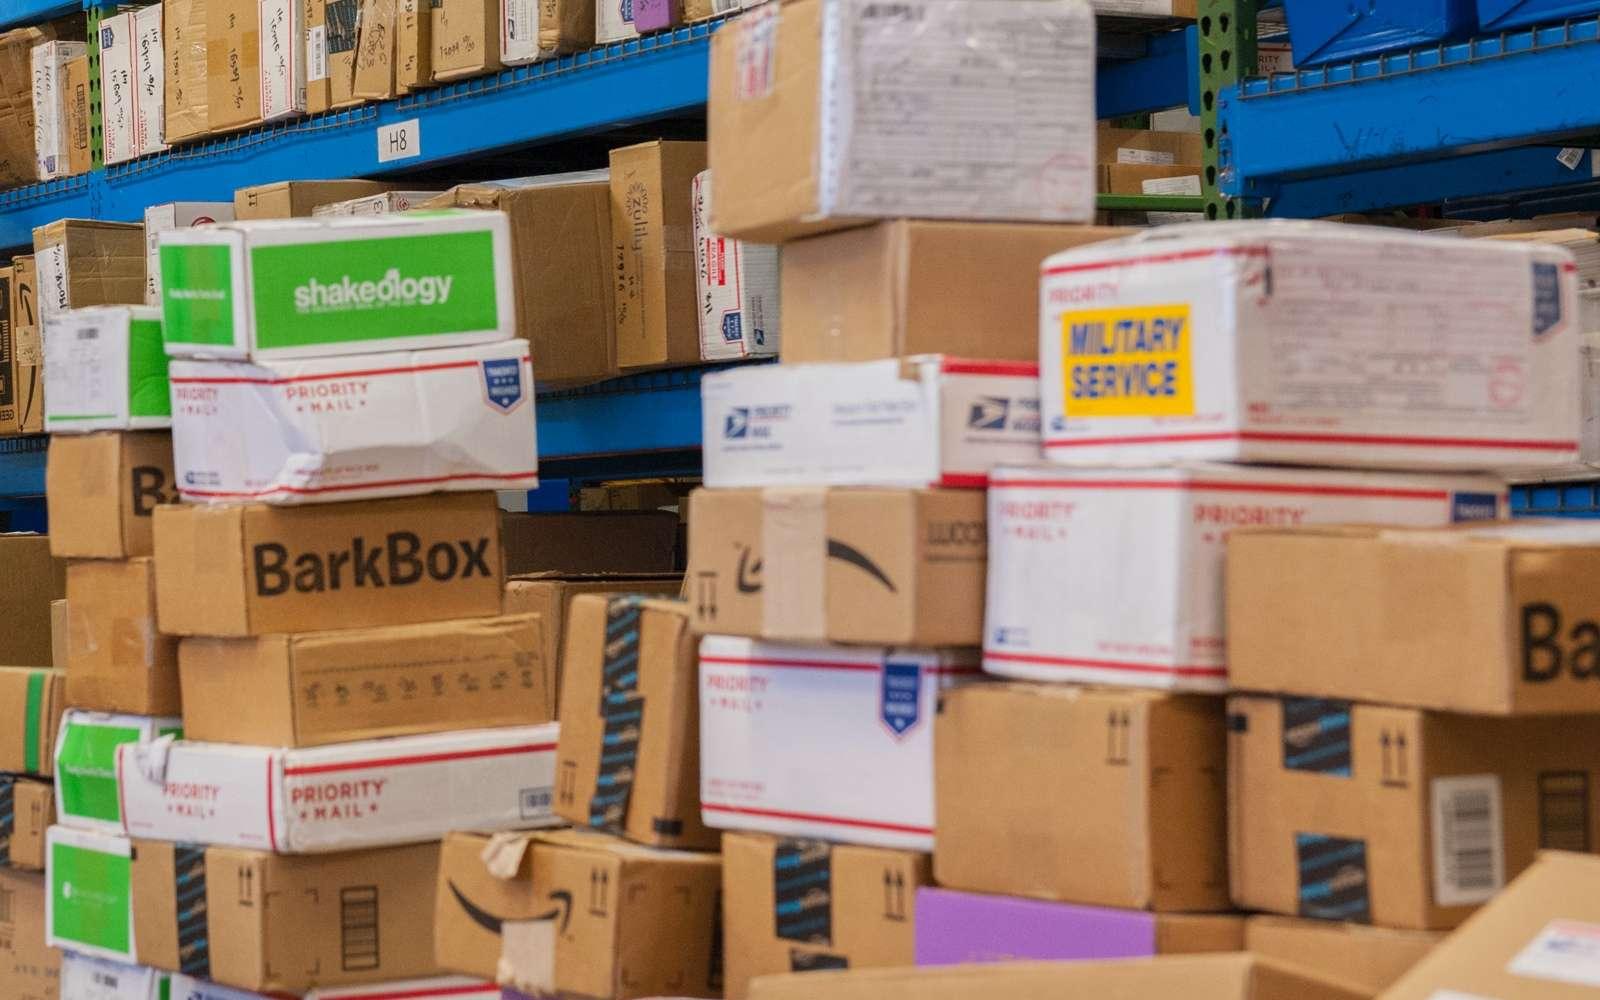 Un entrepôt de stockage de colis en passe d'être acheminés vers leurs destinataires